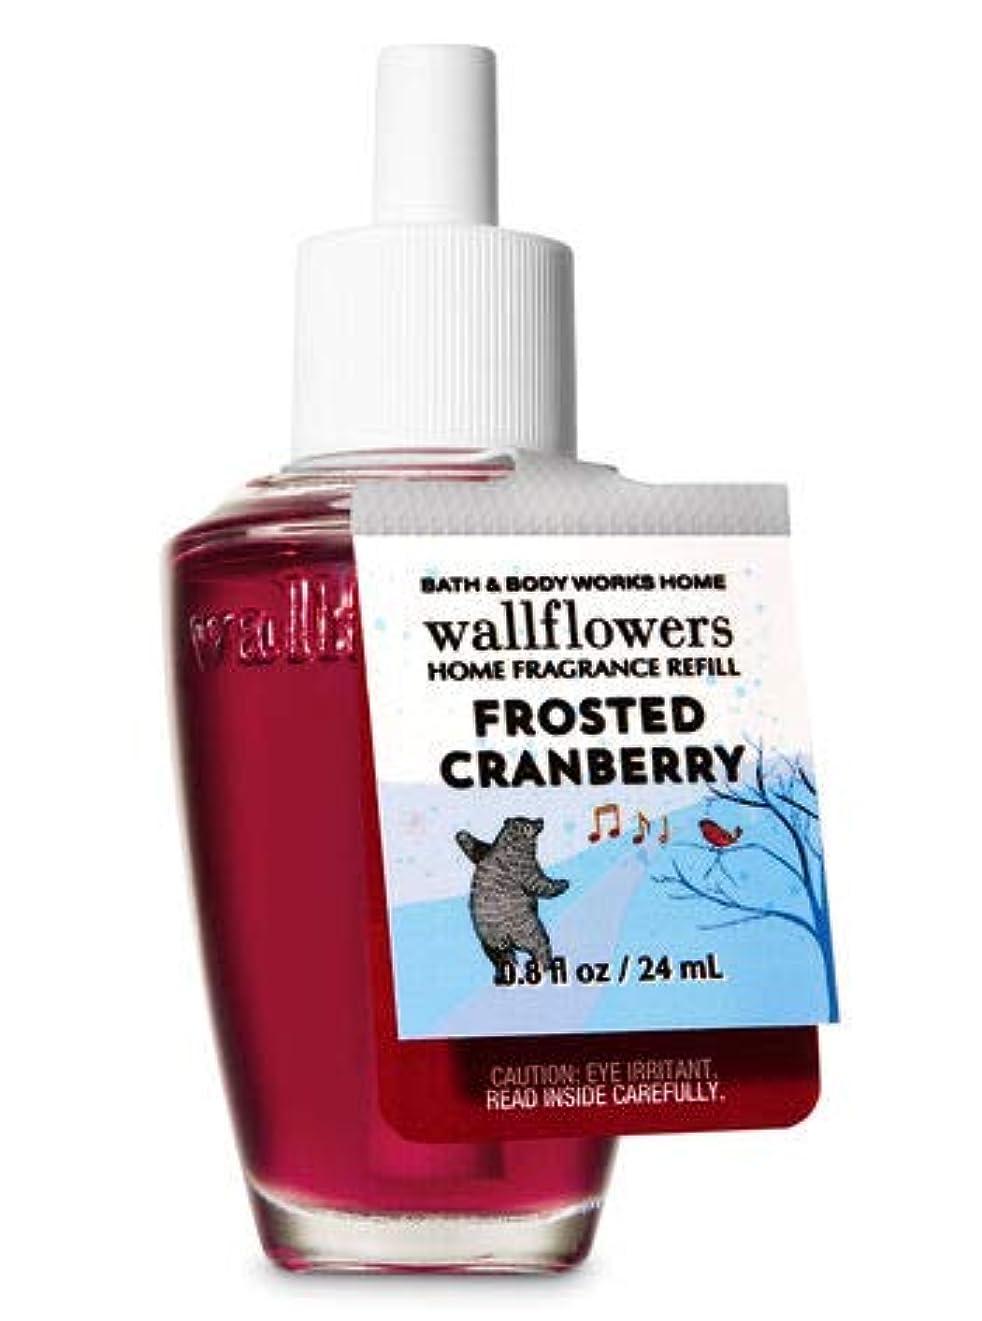 散らす称賛アボート【Bath&Body Works/バス&ボディワークス】 ルームフレグランス 詰替えリフィル フロステッドクランベリー Wallflowers Home Fragrance Refill Frosted Cranberry [並行輸入品]